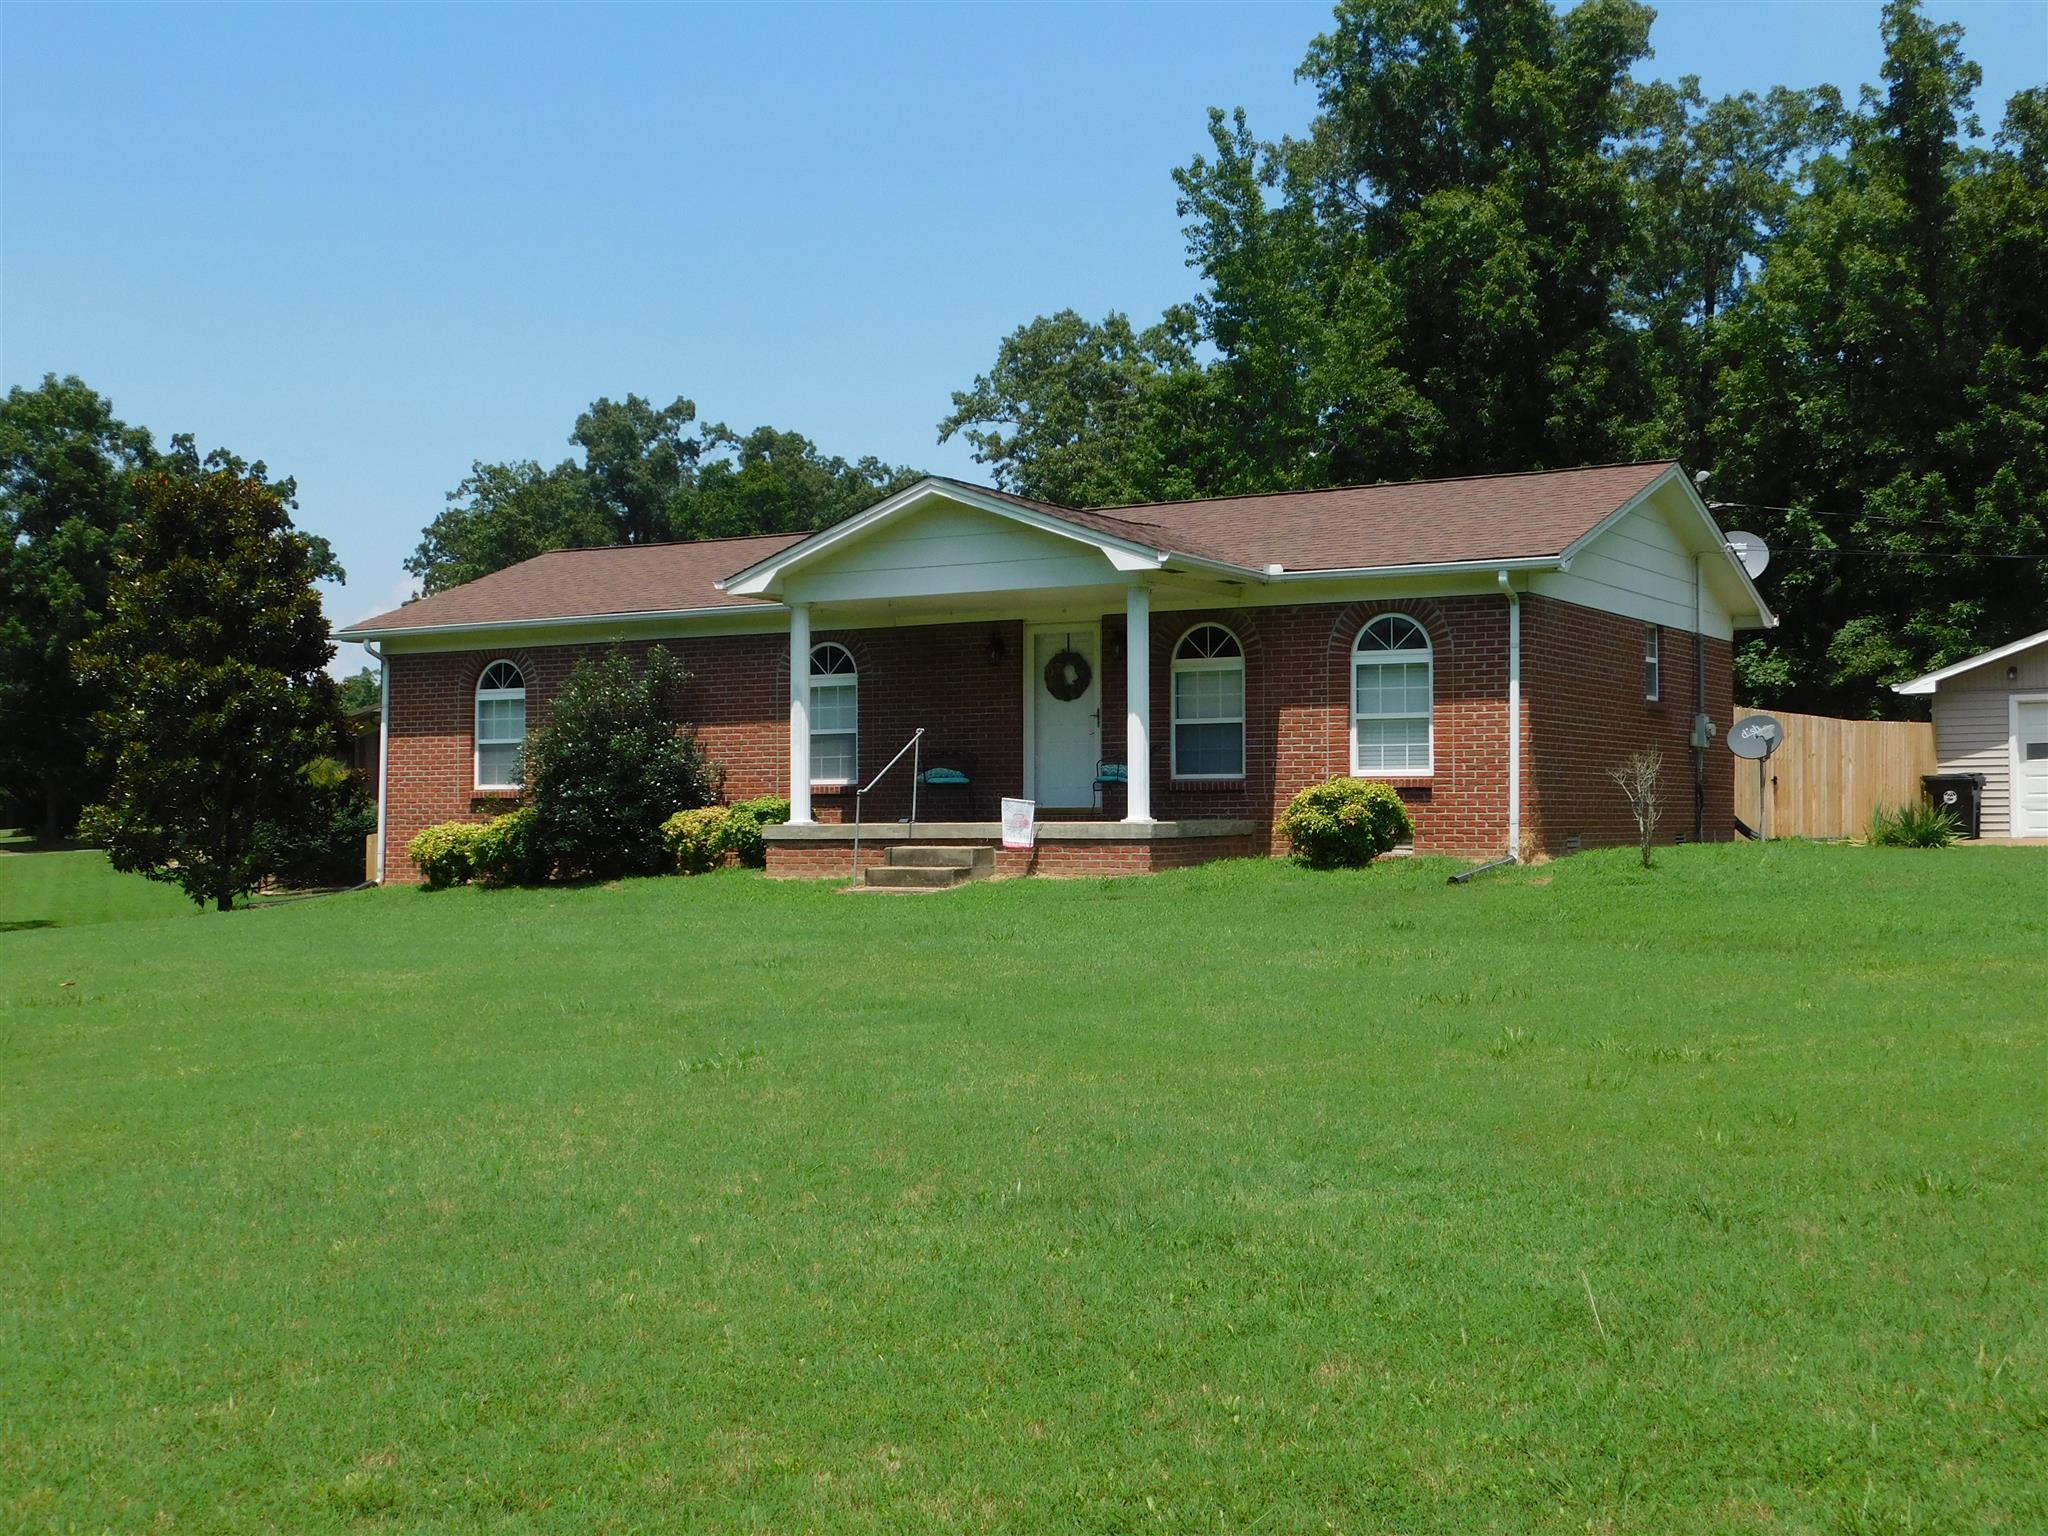 431 Hillcrest Dr, New Johnsonville, TN 37134 - New Johnsonville, TN real estate listing